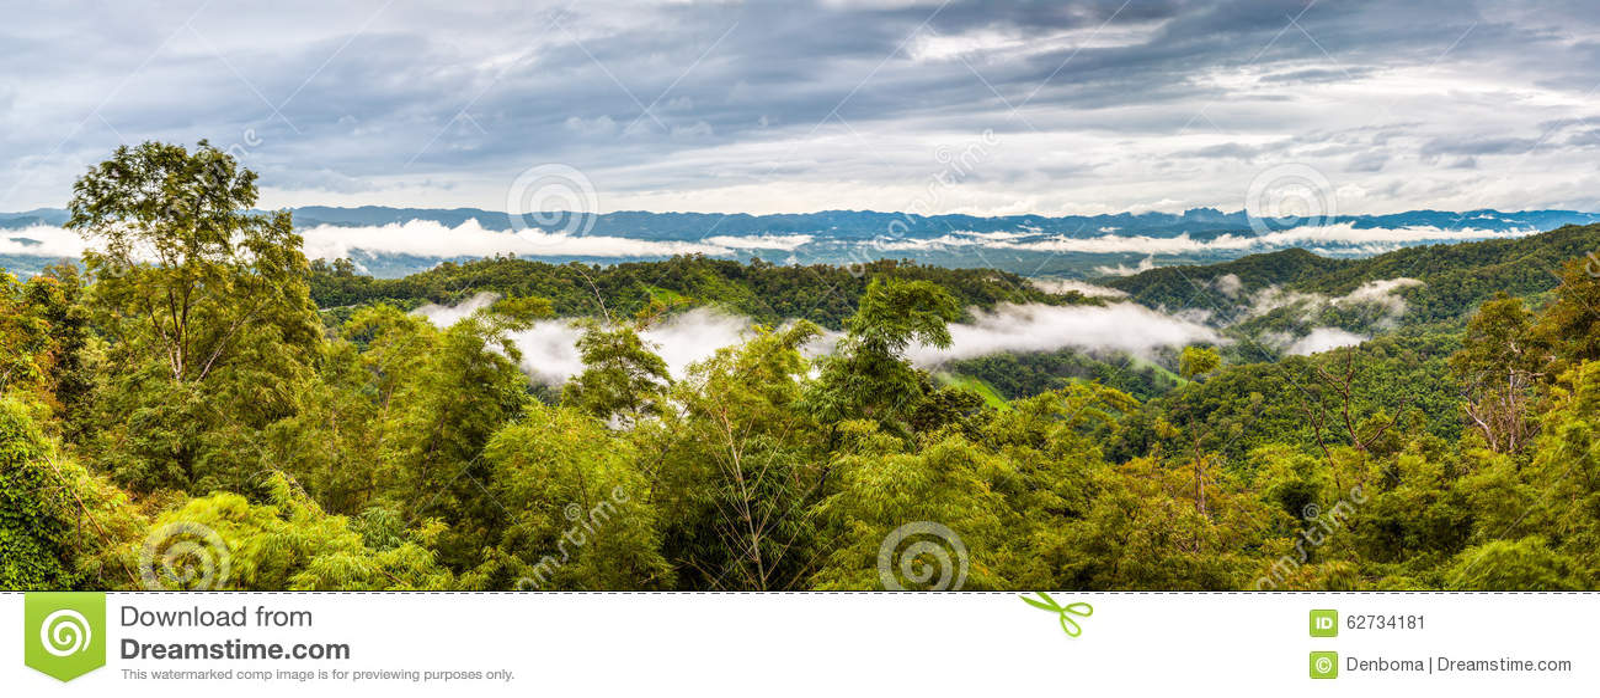 泰国山�^_在泰国的山特别是来兴府的,您有在用云彩盖的山的一个看法.